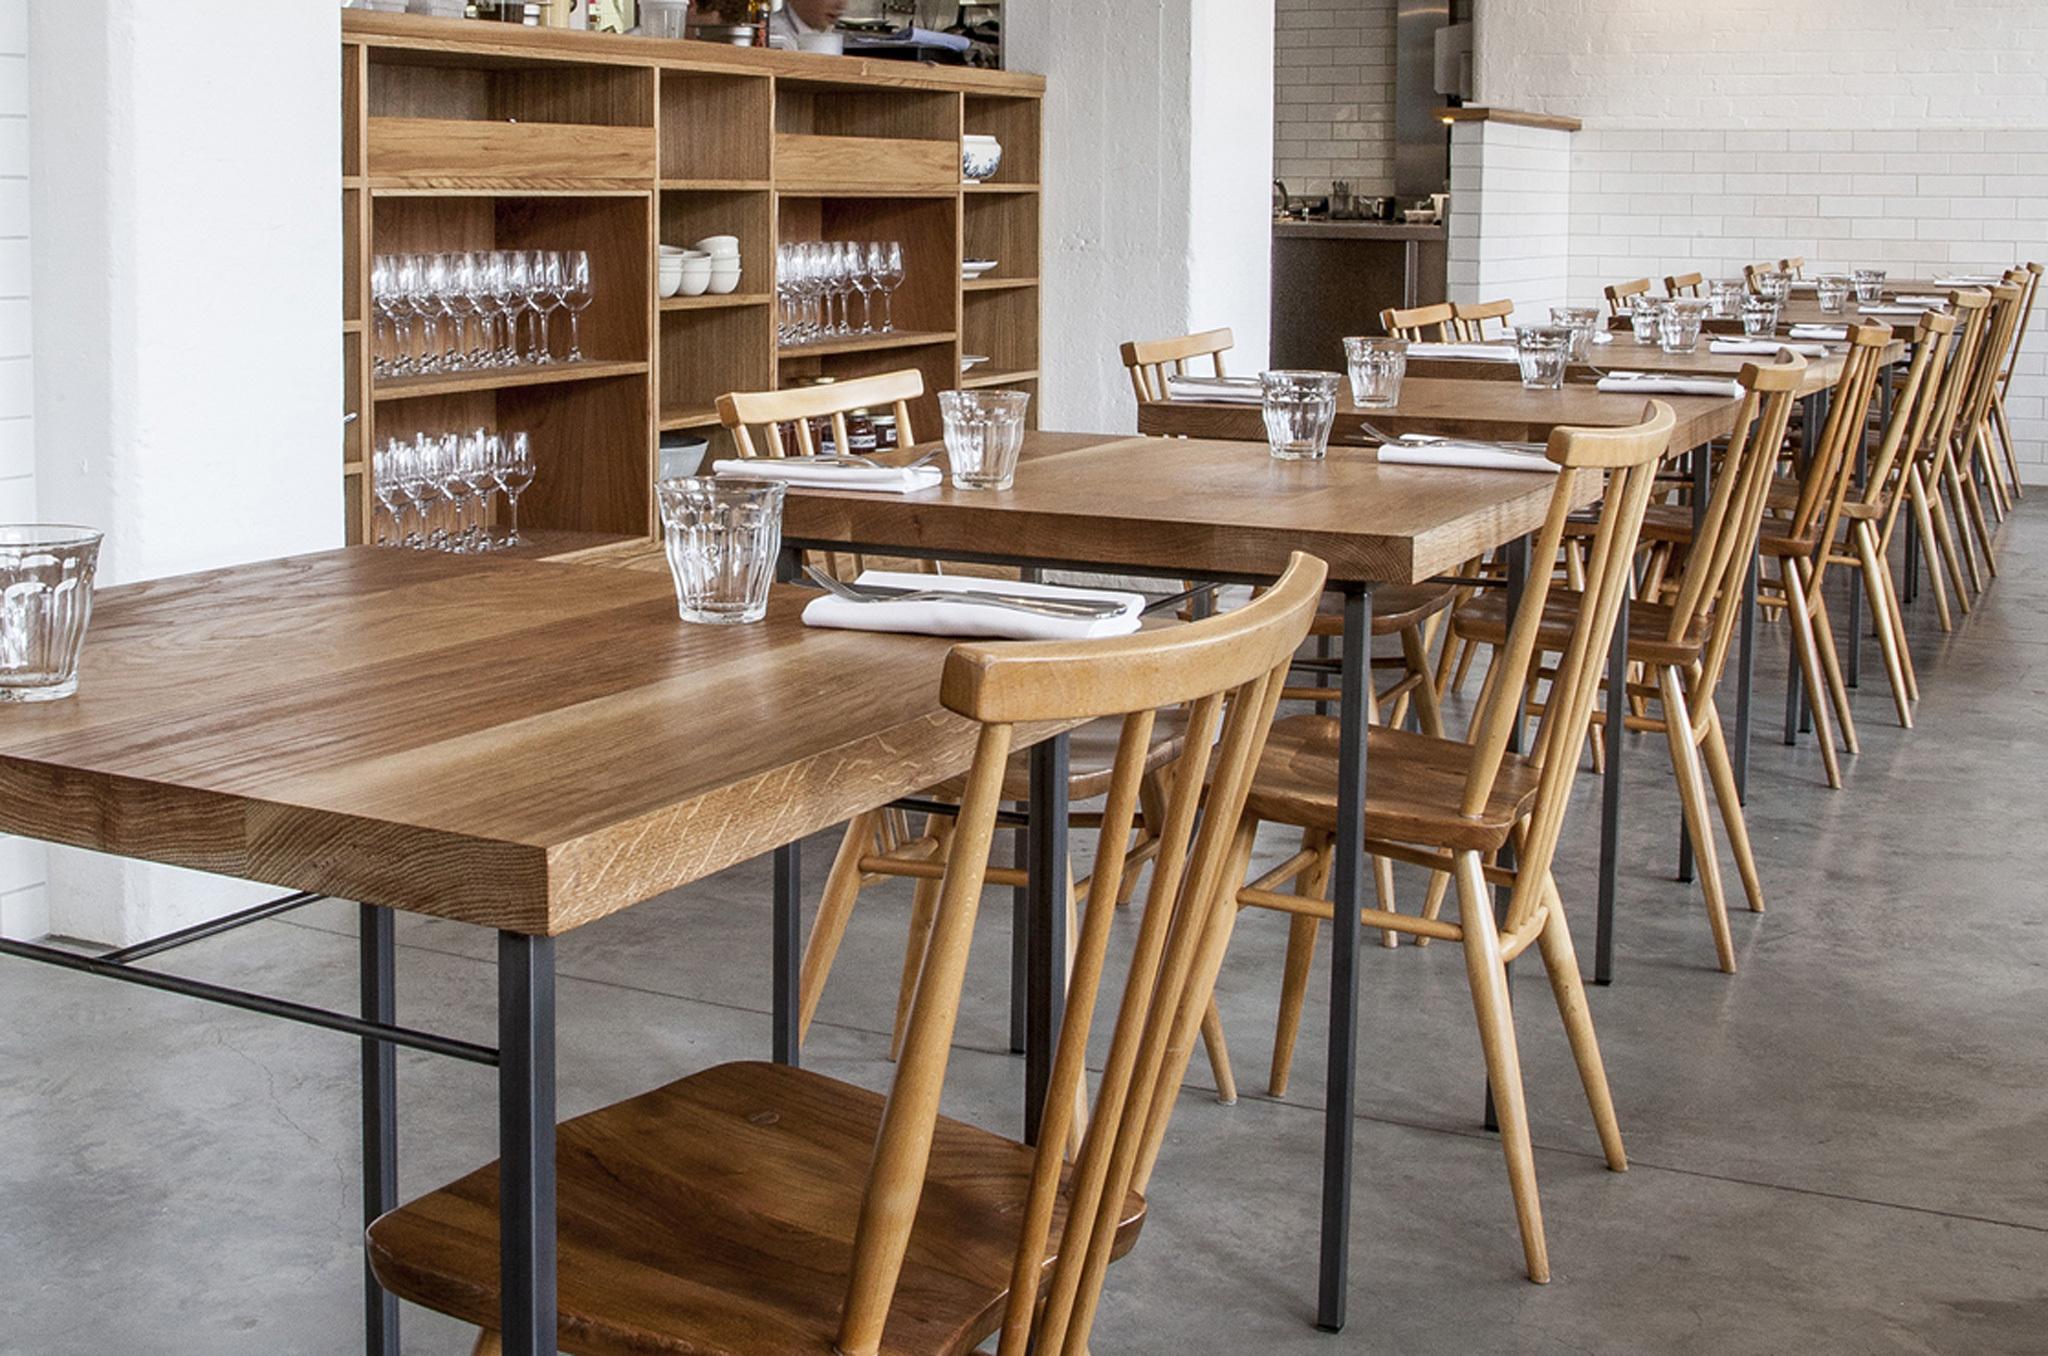 Lyle's, 10 best restaurants in London